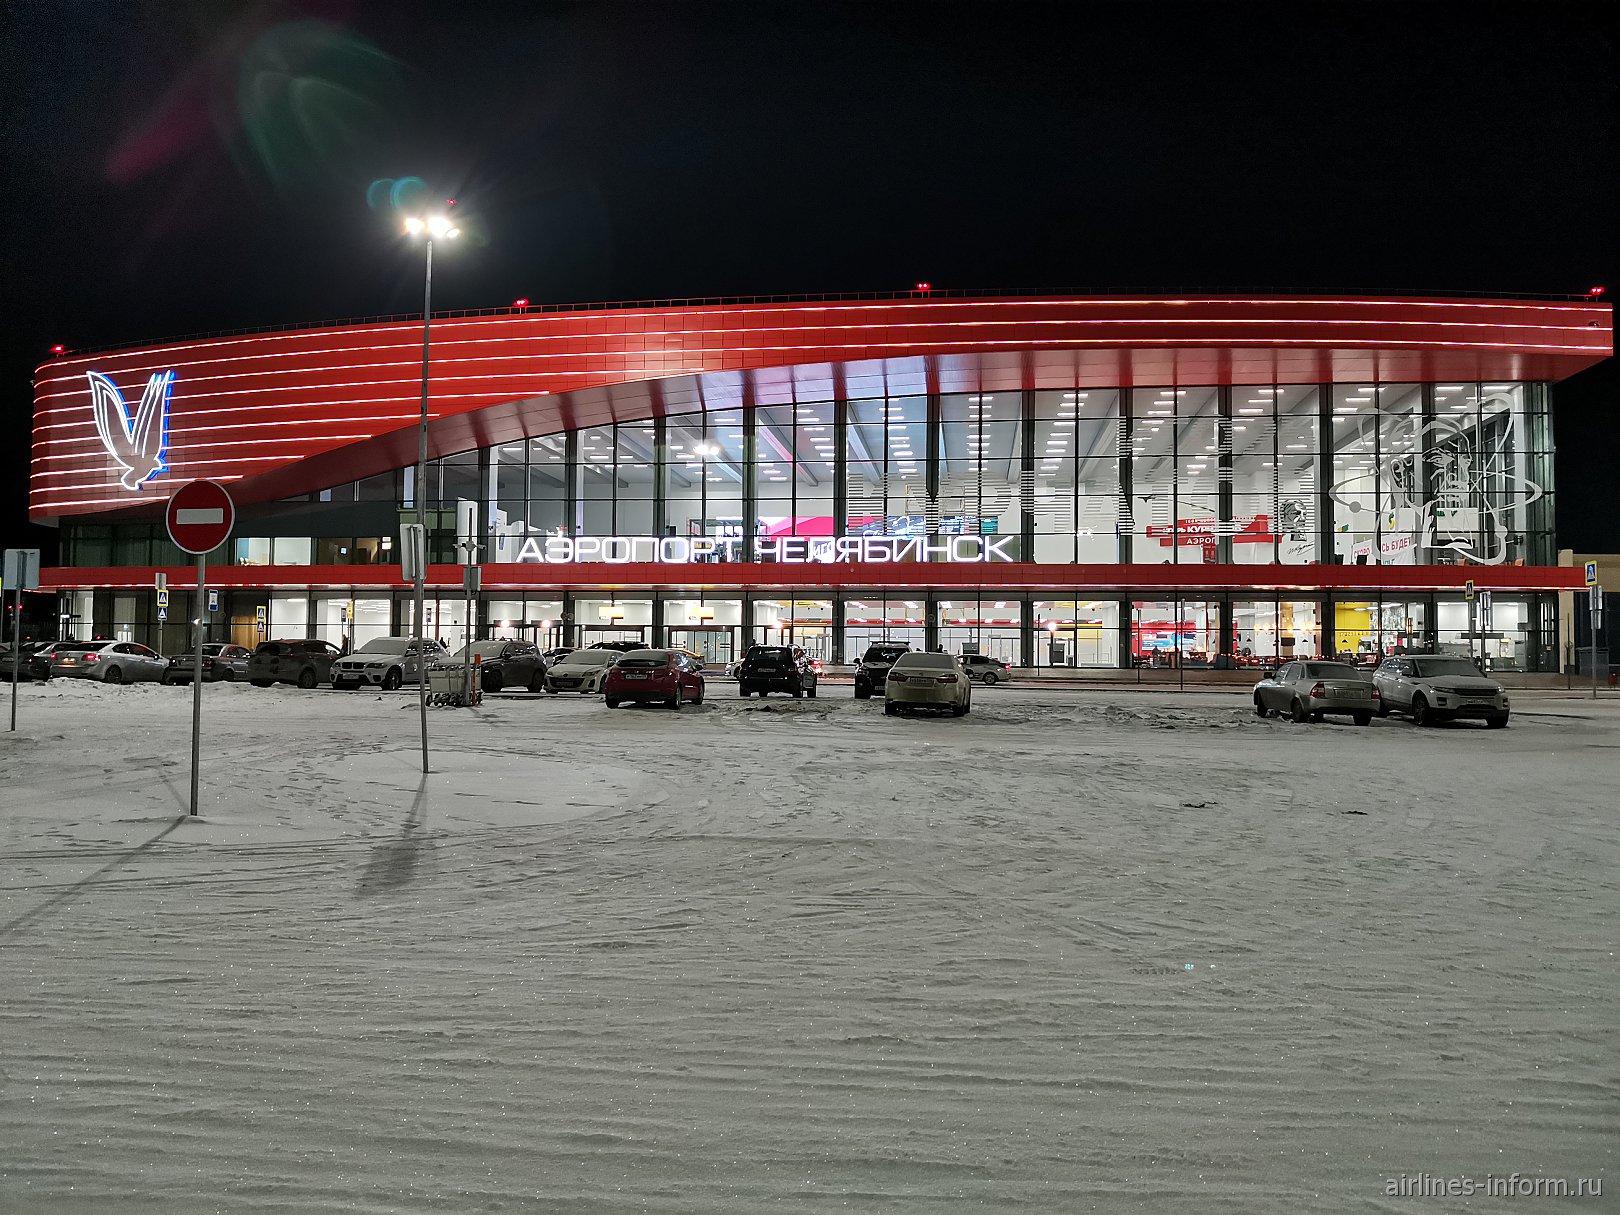 Пассажирский терминал аэропорта Челябинск Баландино